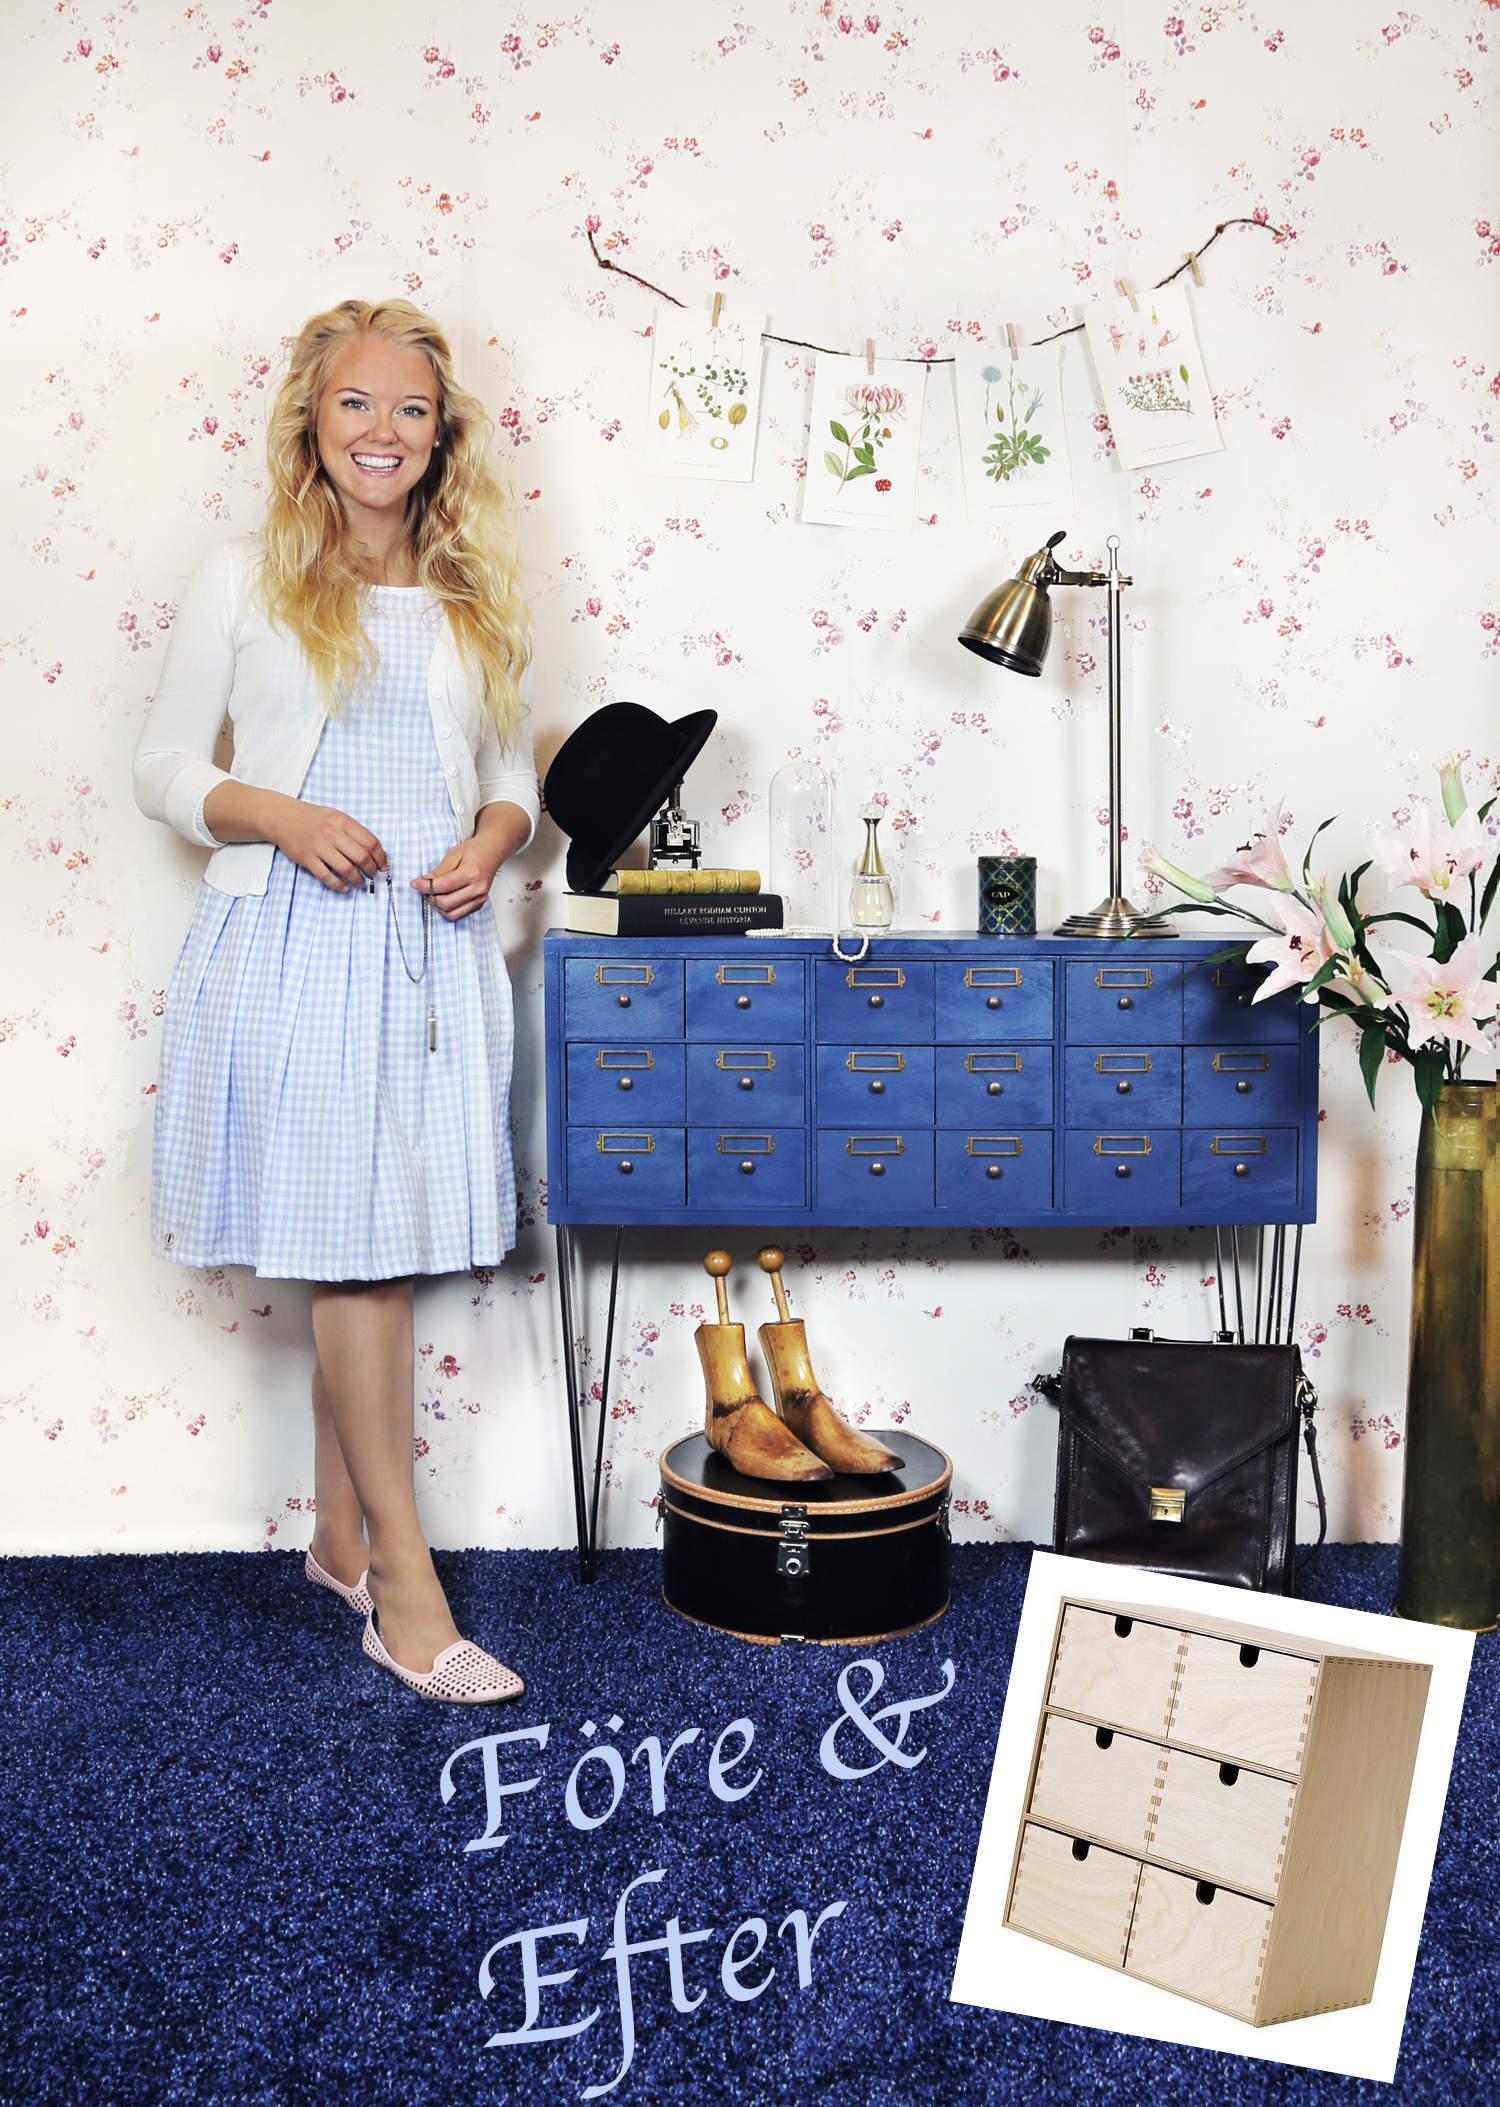 Hallbänk av Ikea moppe förvaring Gör det själv DIY, Härligt hemma, Helgfixet, Hemmafix, Pyssel